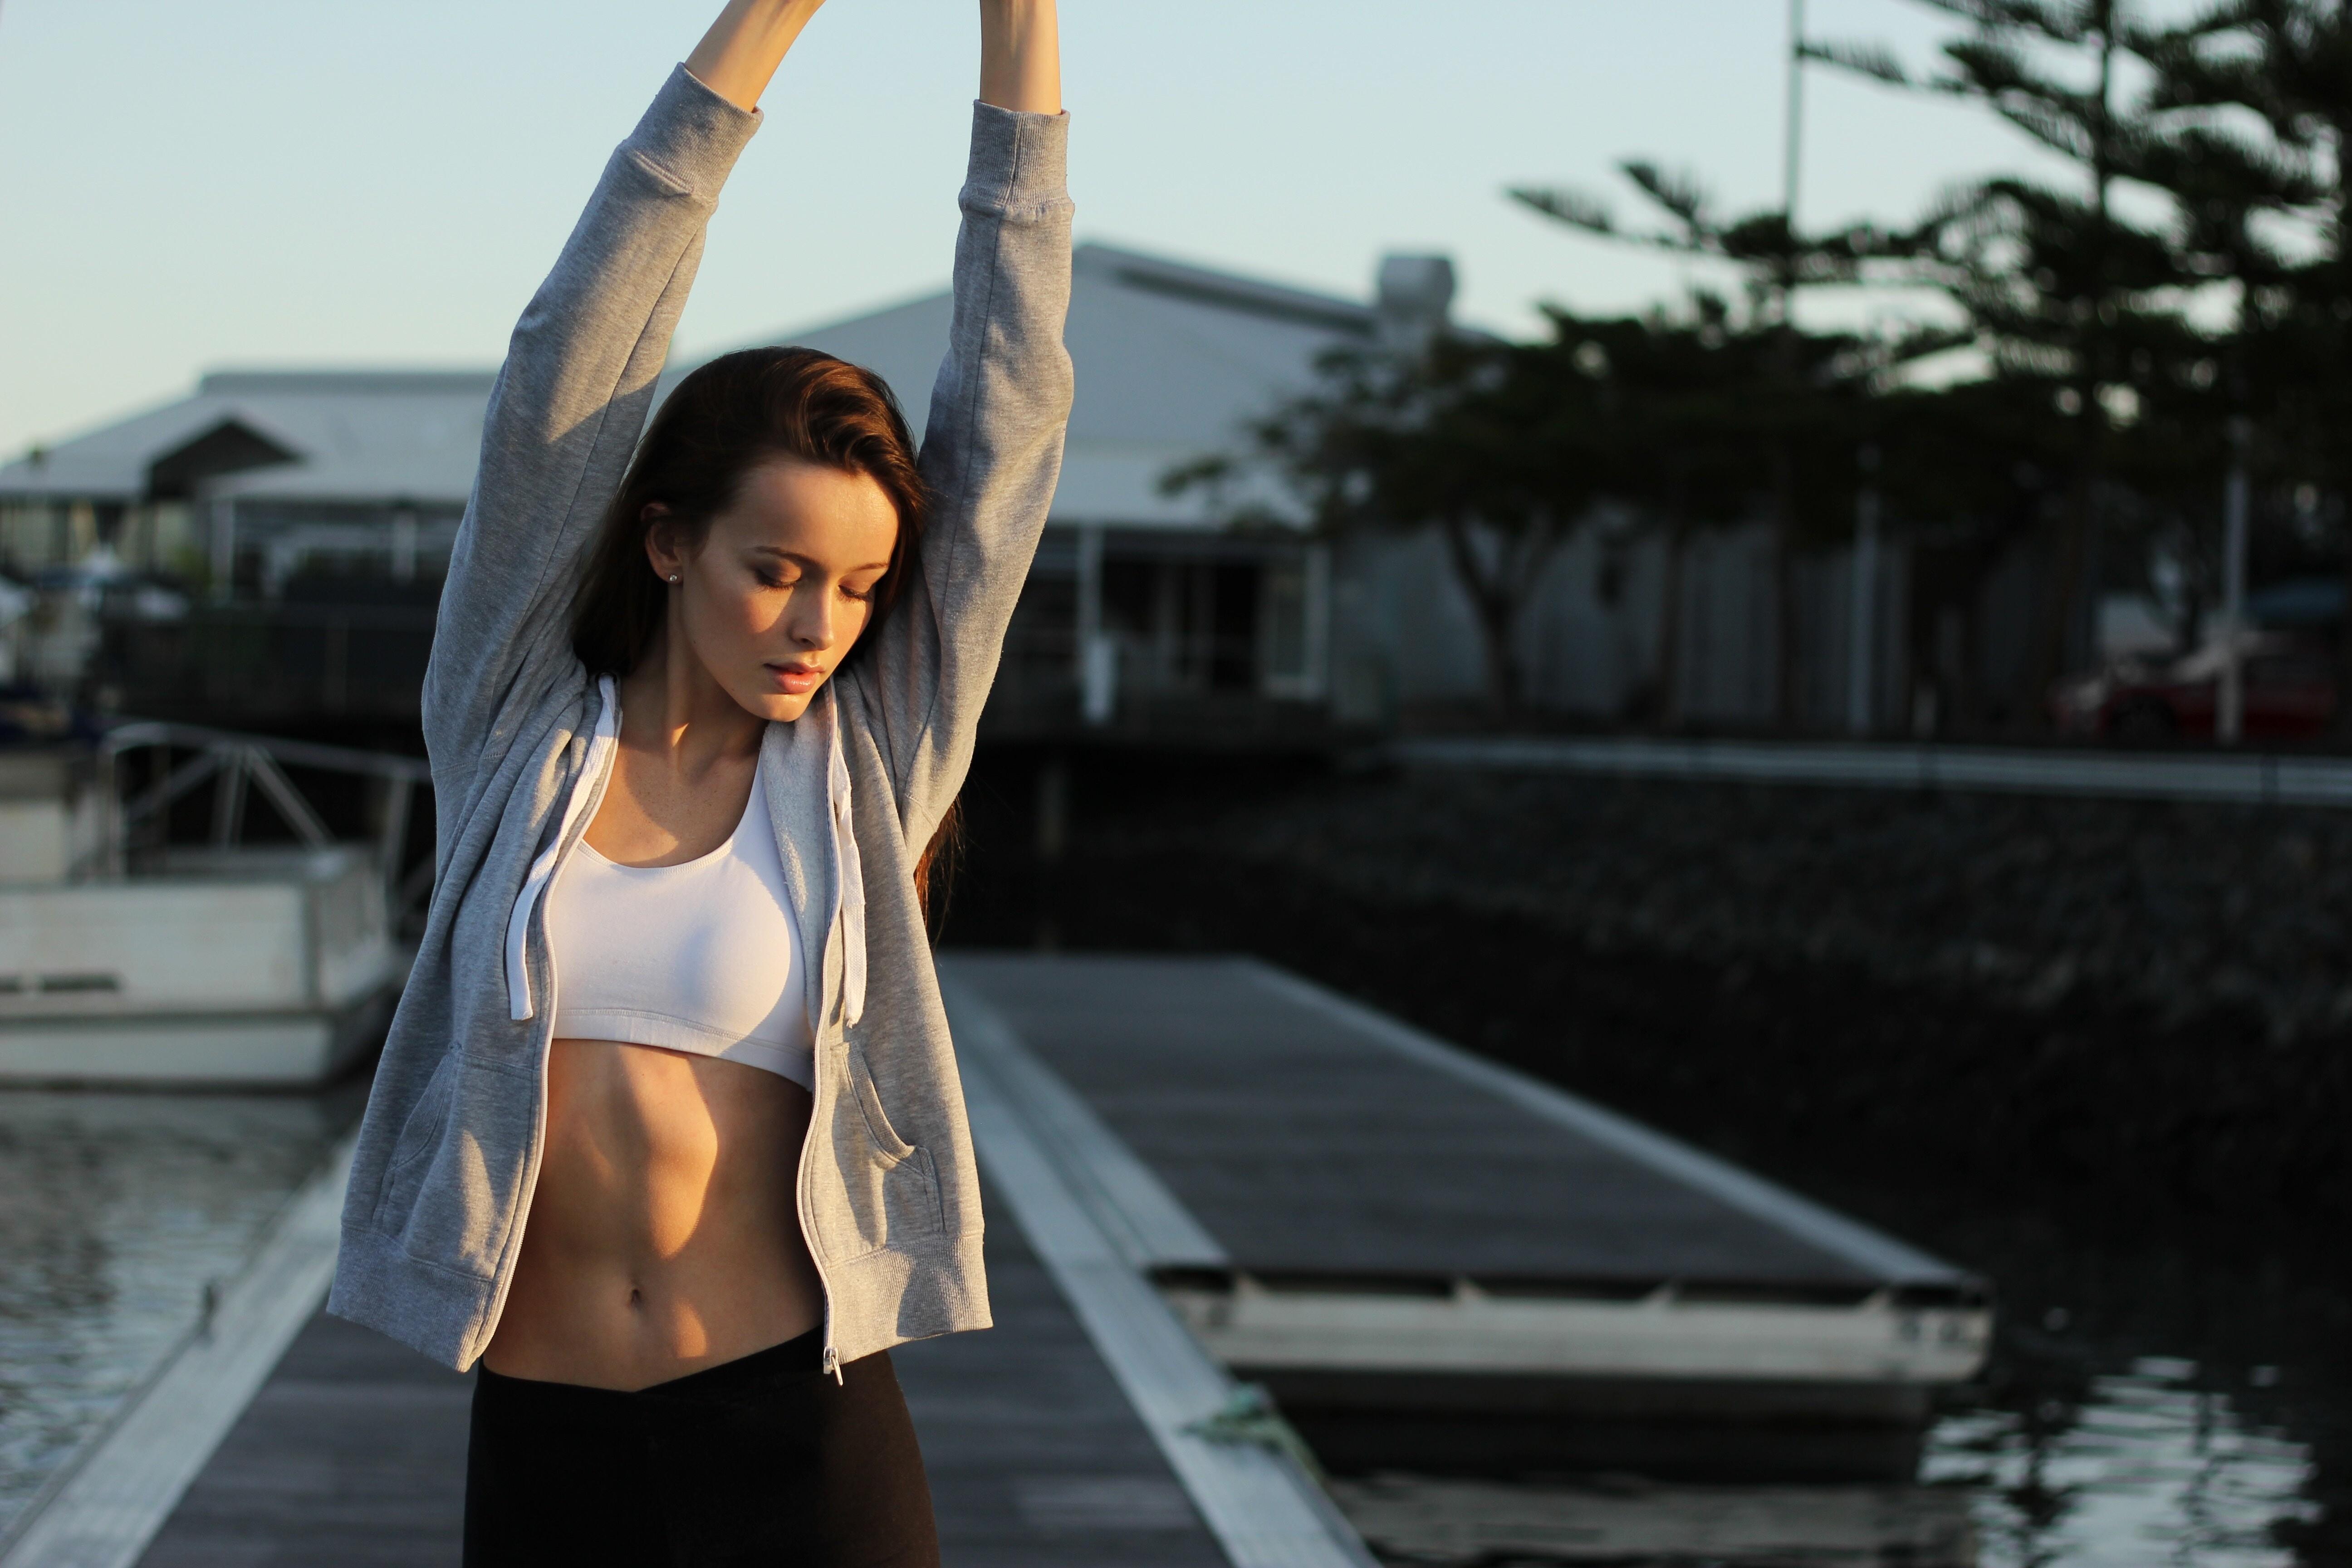 Диеты не помогут: ты не похудеешь, пока не ответишь на эти 5 вопросов